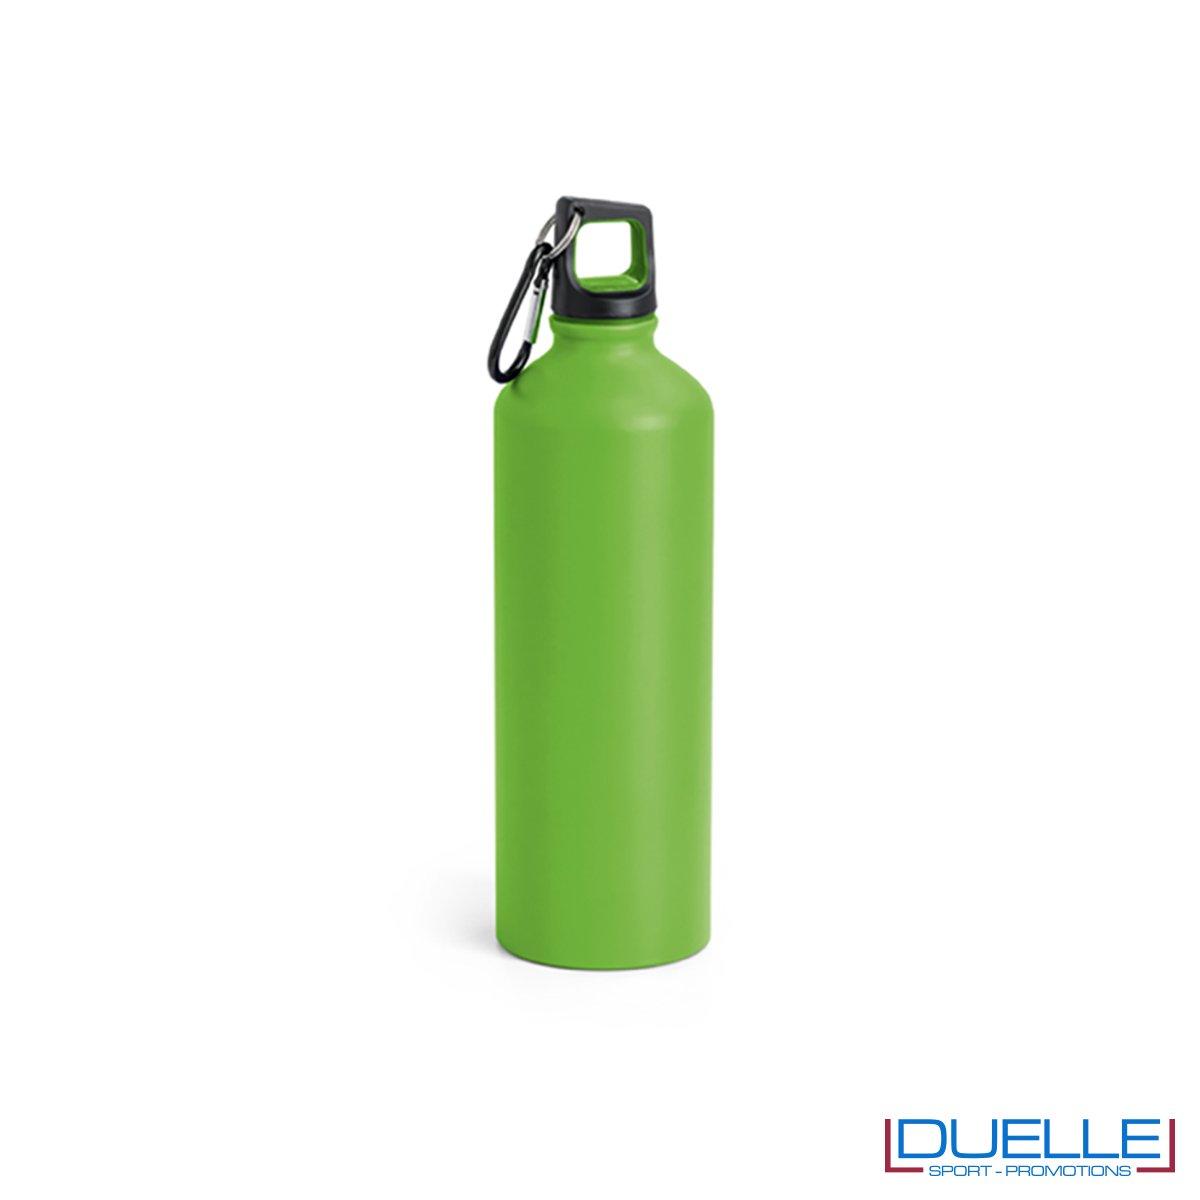 Borraccia in alluminio personalizzata con incisione colore verde